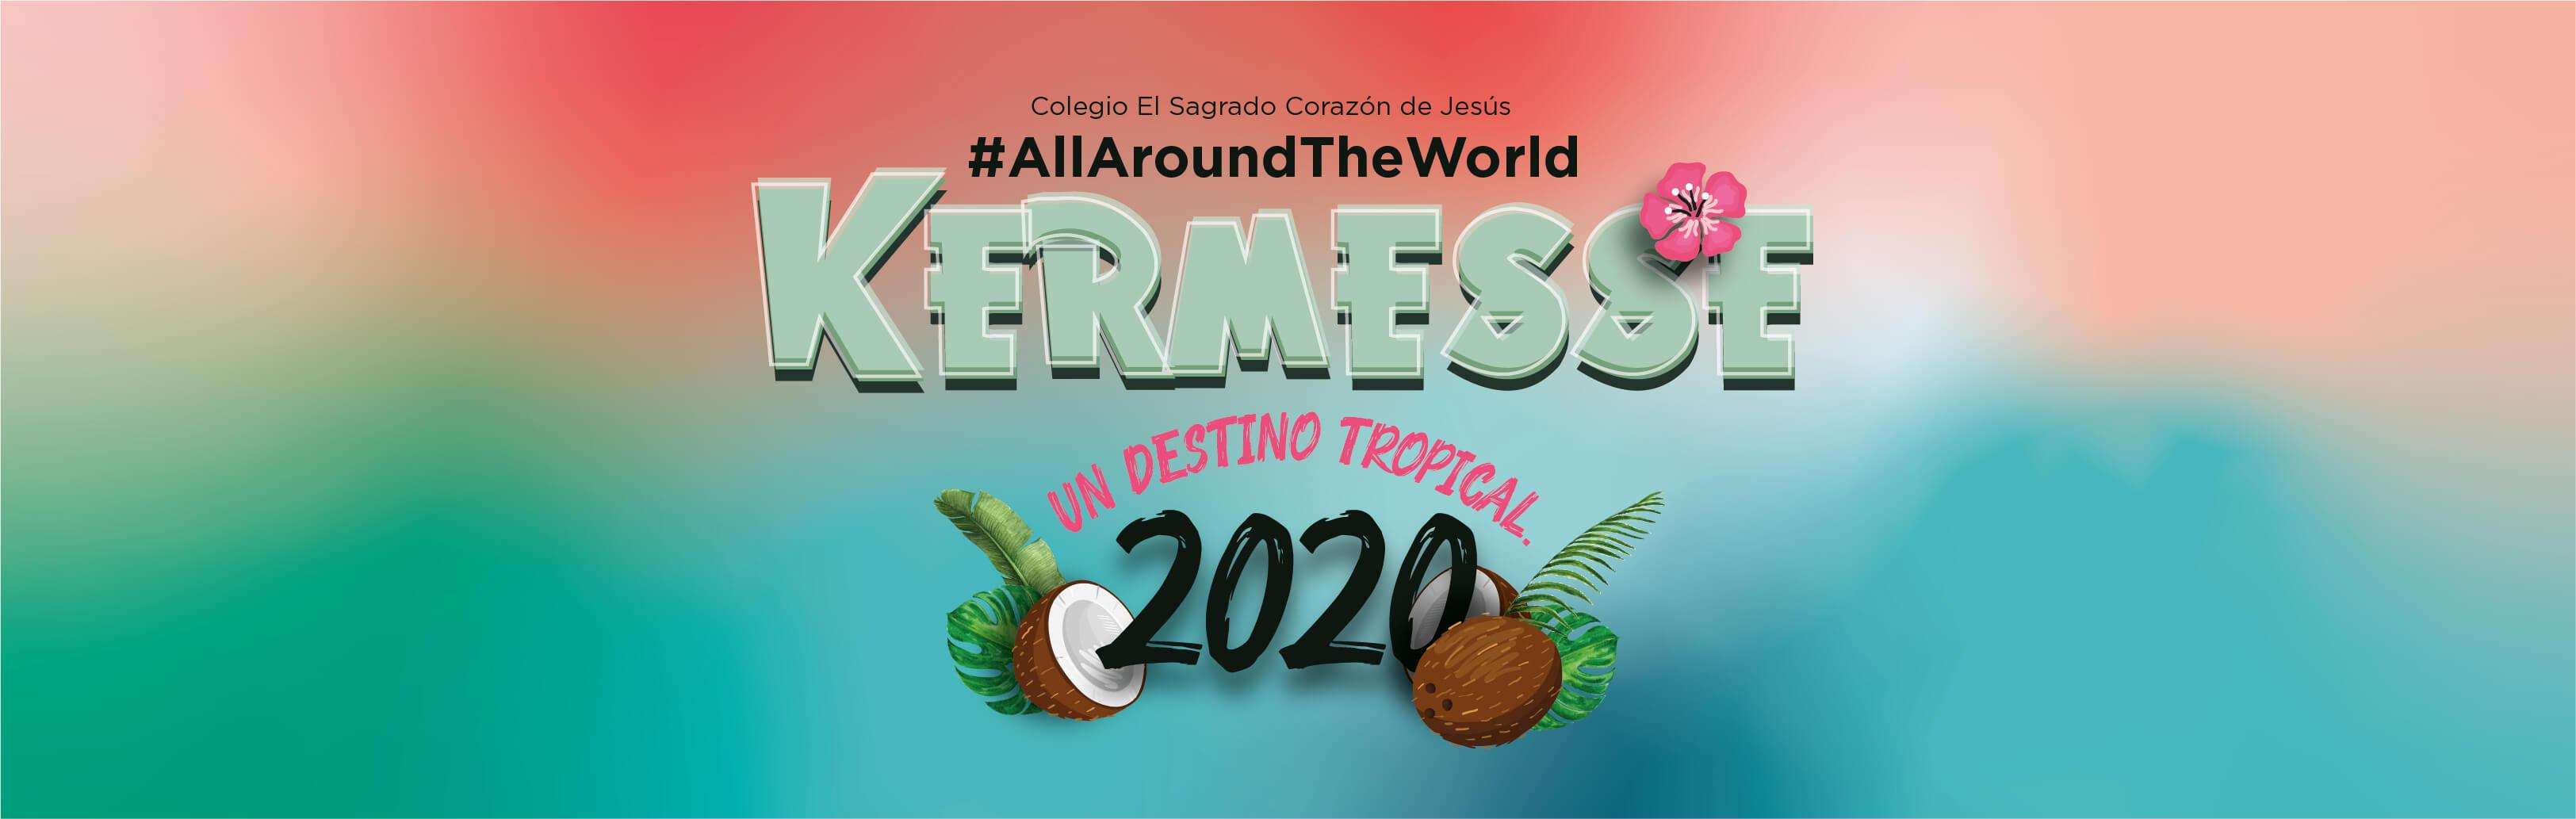 PORTADA KERMESSE 2020 - COLEGIO EL SAGRADO CORAZÓN DE JESÚS